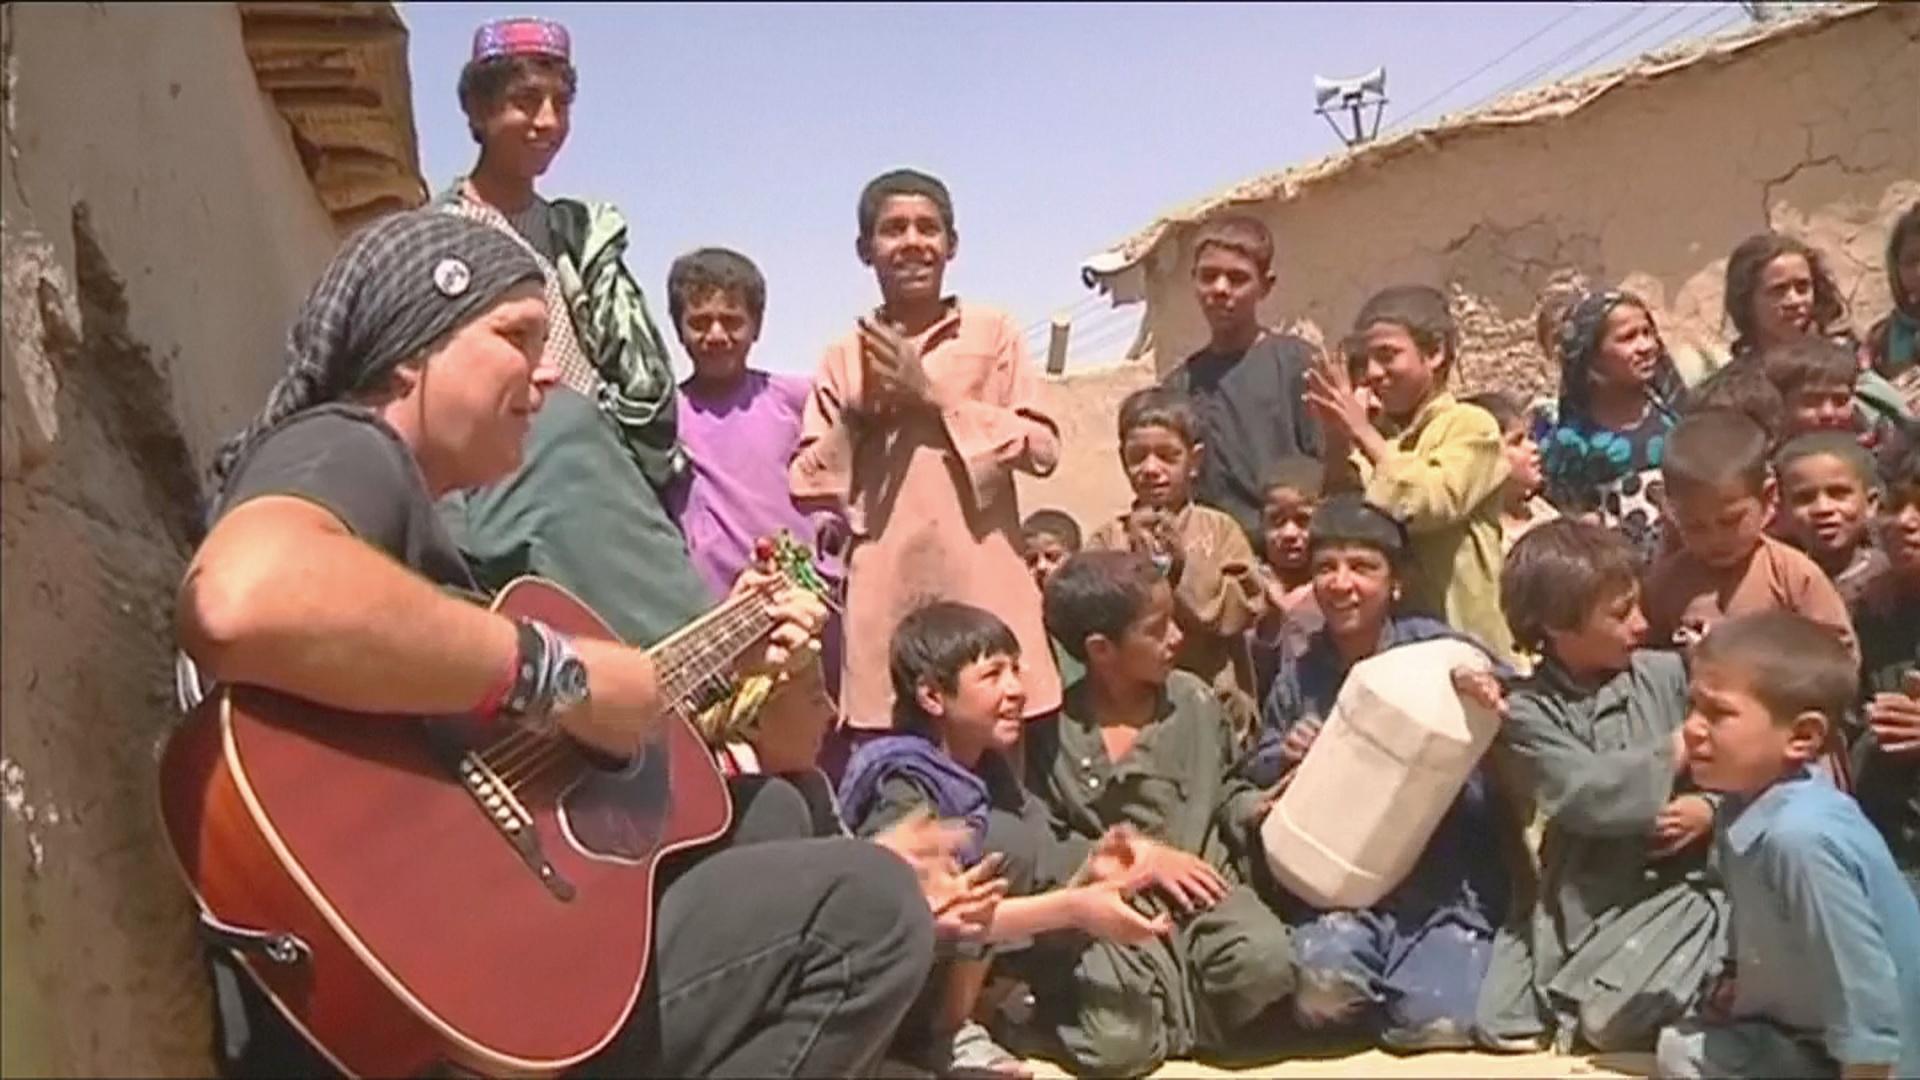 Американский рок-музыкант учит афганских детей